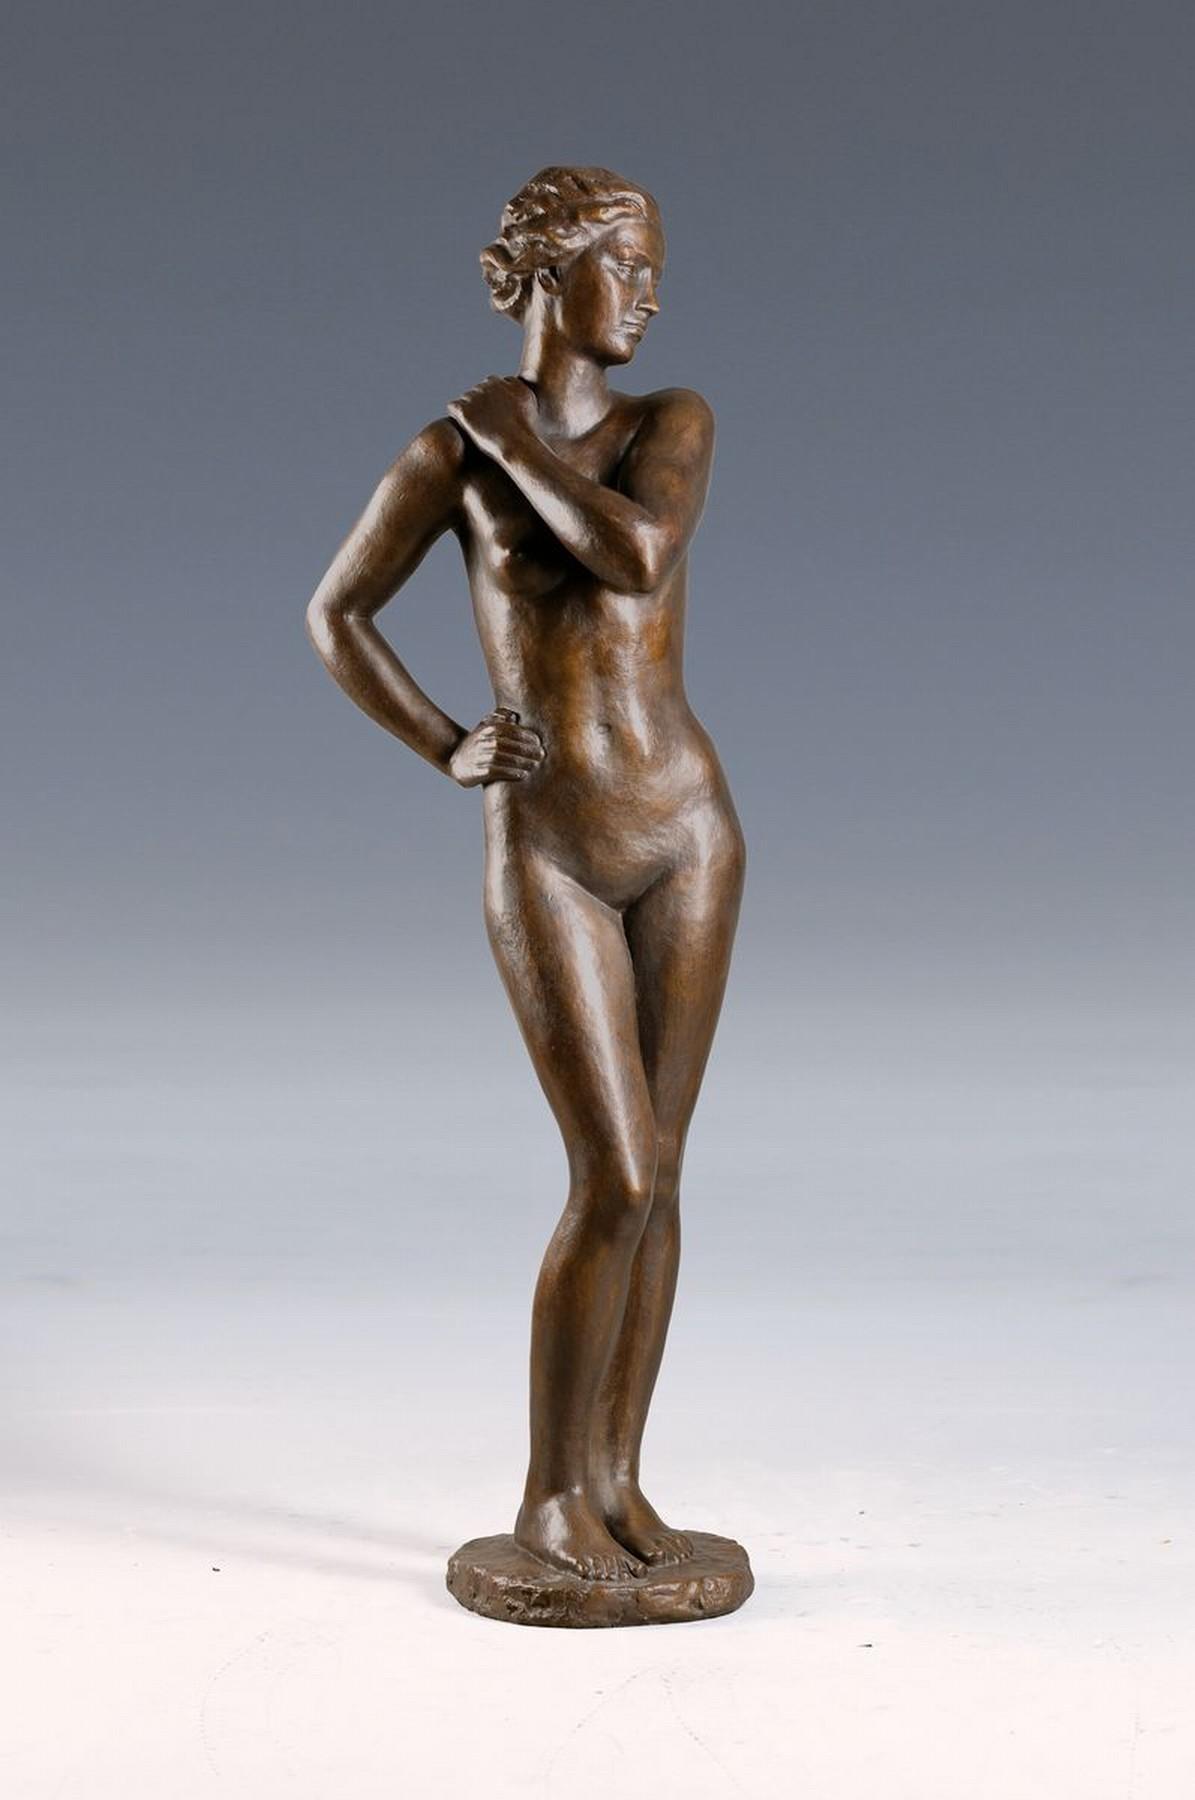 Vente  Art Moderne & Contemporain chez Henry's Auktionshaus : 253 lots